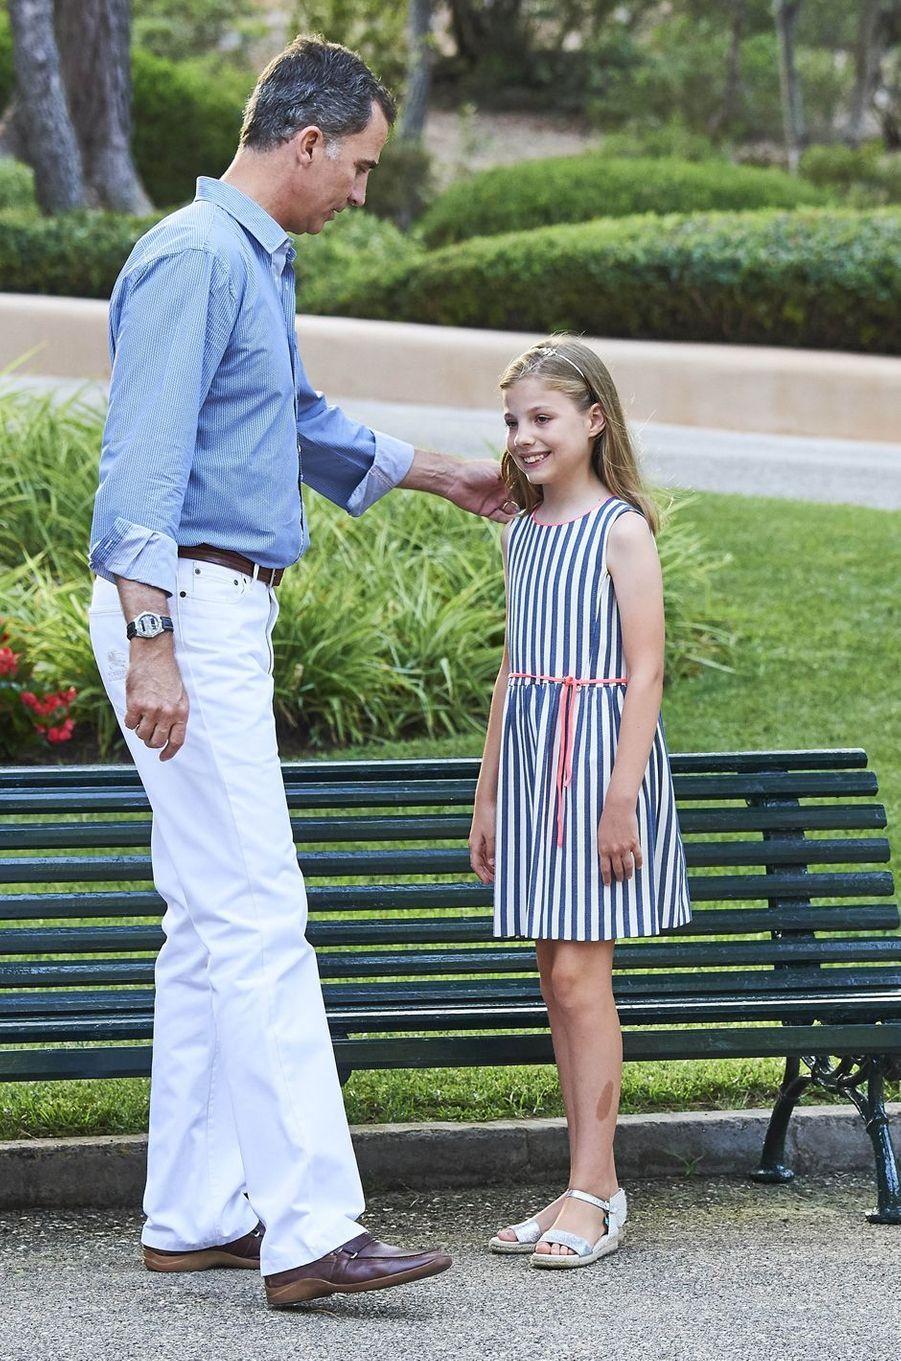 Le roi Felipe VI d'Espagne avec la princesse Sofia à Palma de Majorque, le 4 août 2016